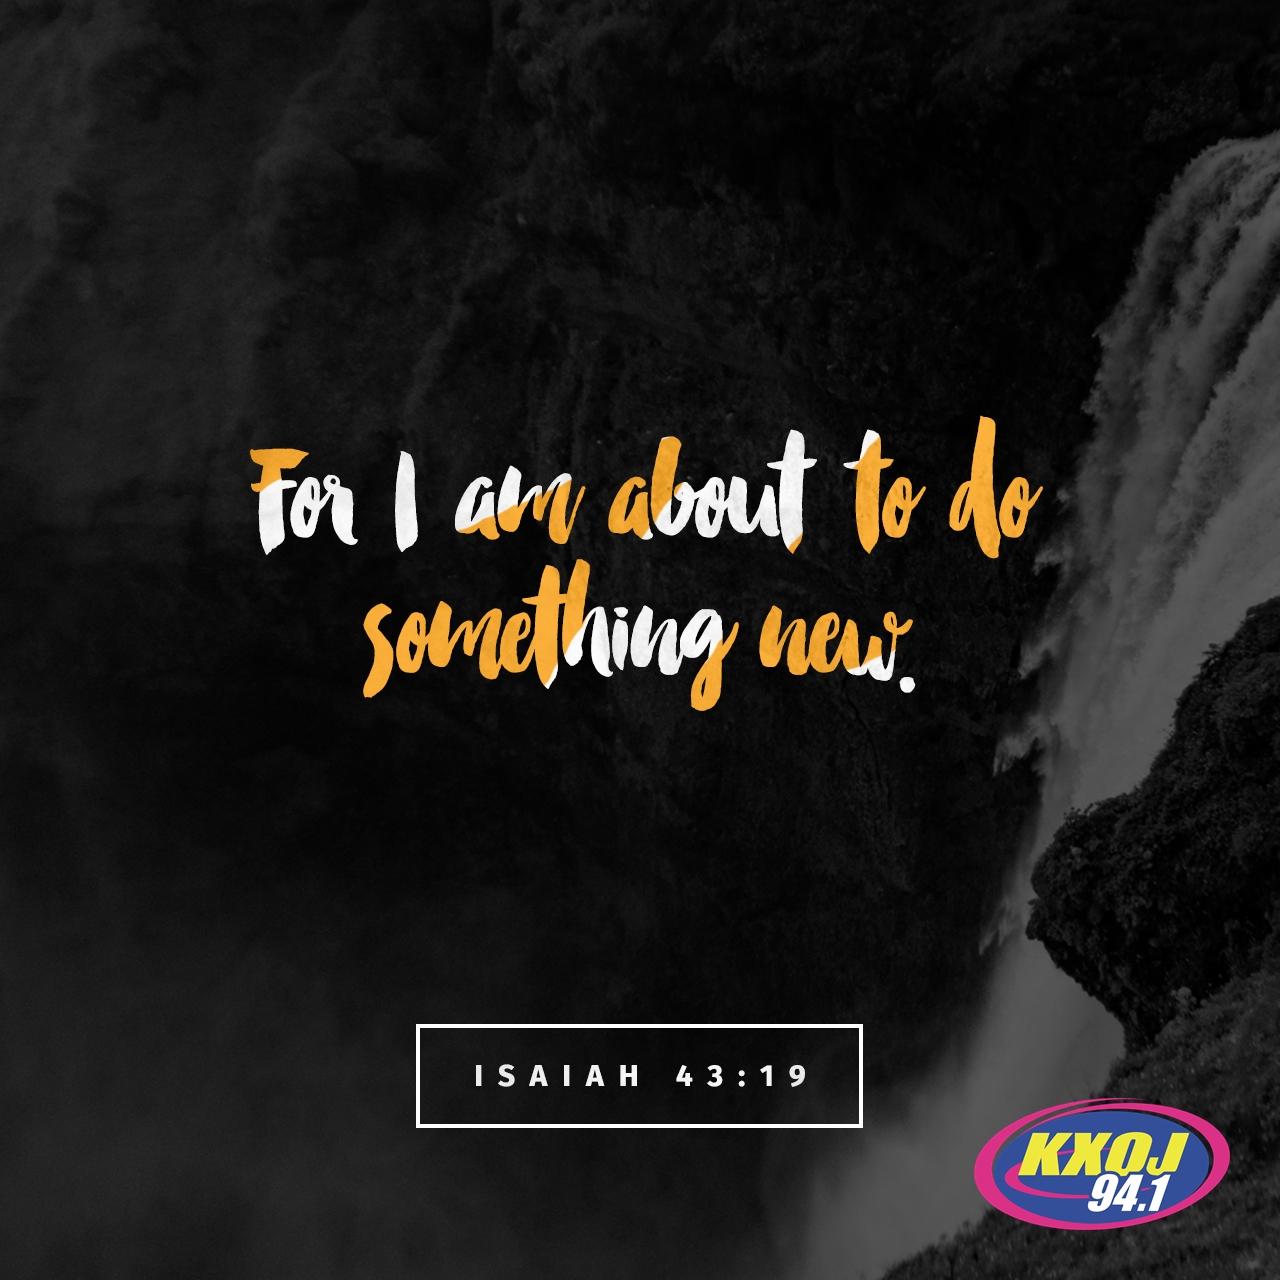 August 6th - Isaiah 43:19